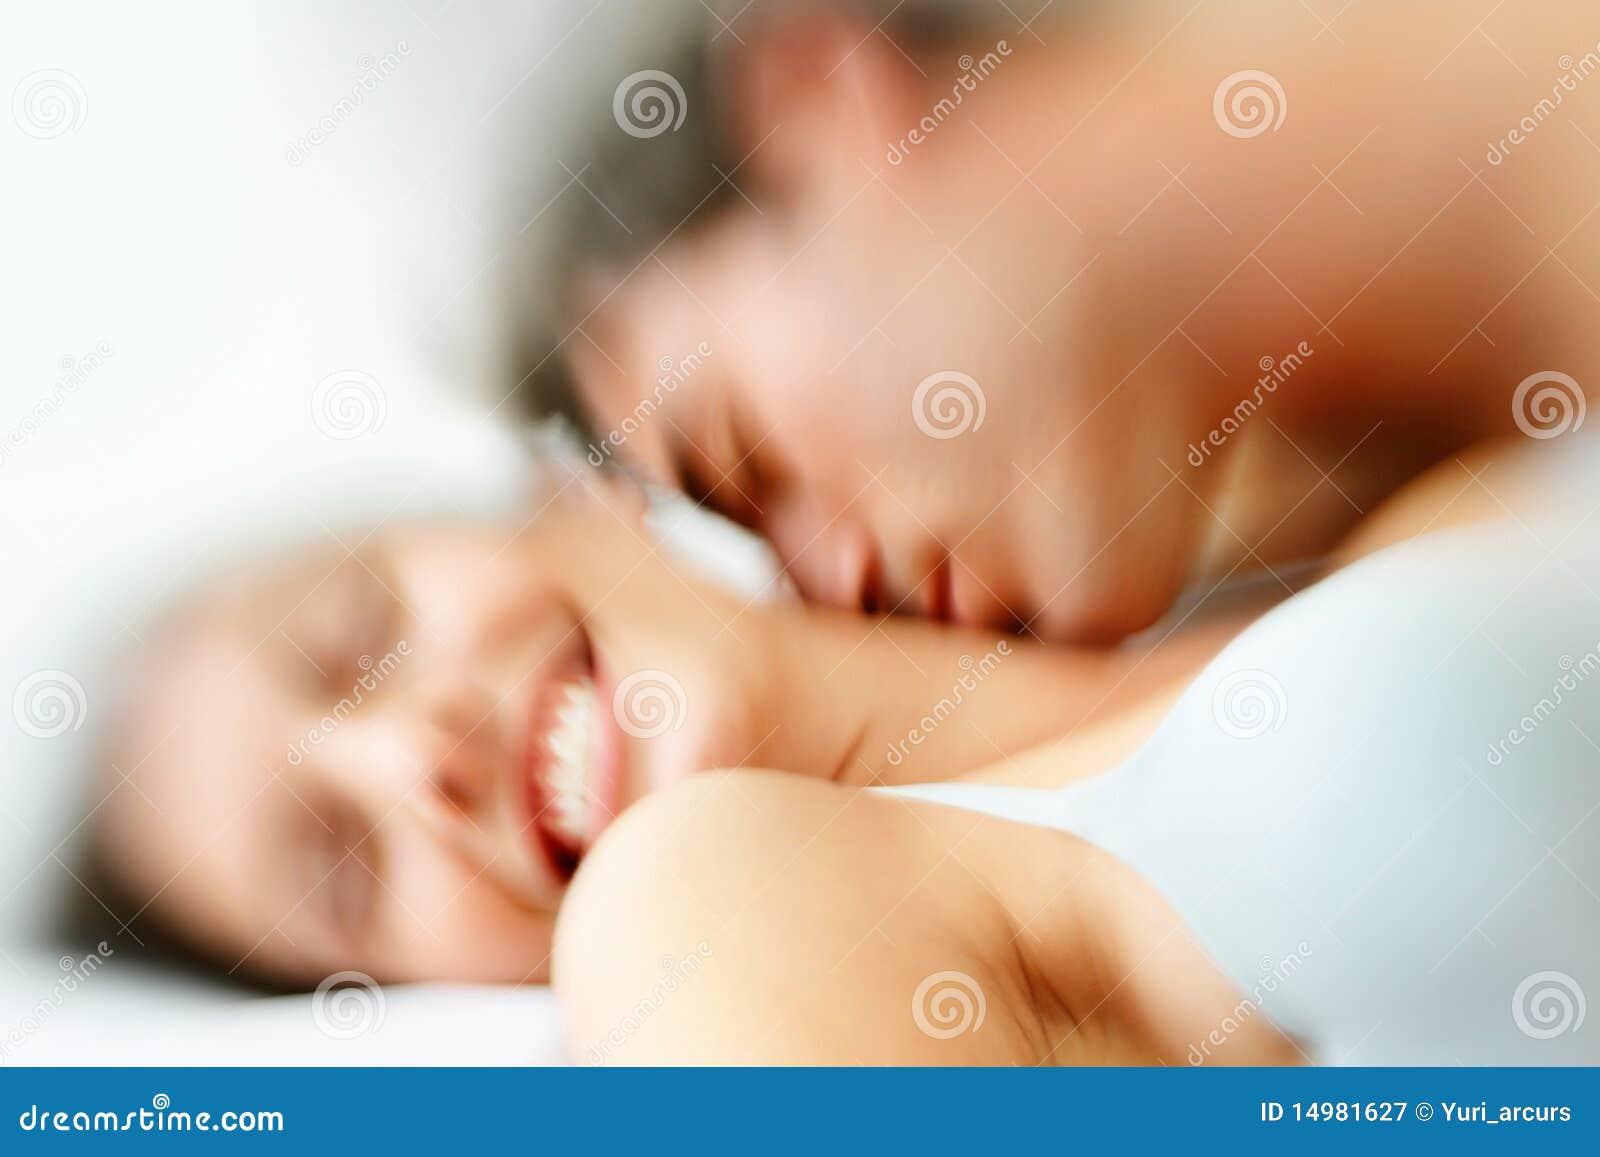 ali larter anal sex scenes